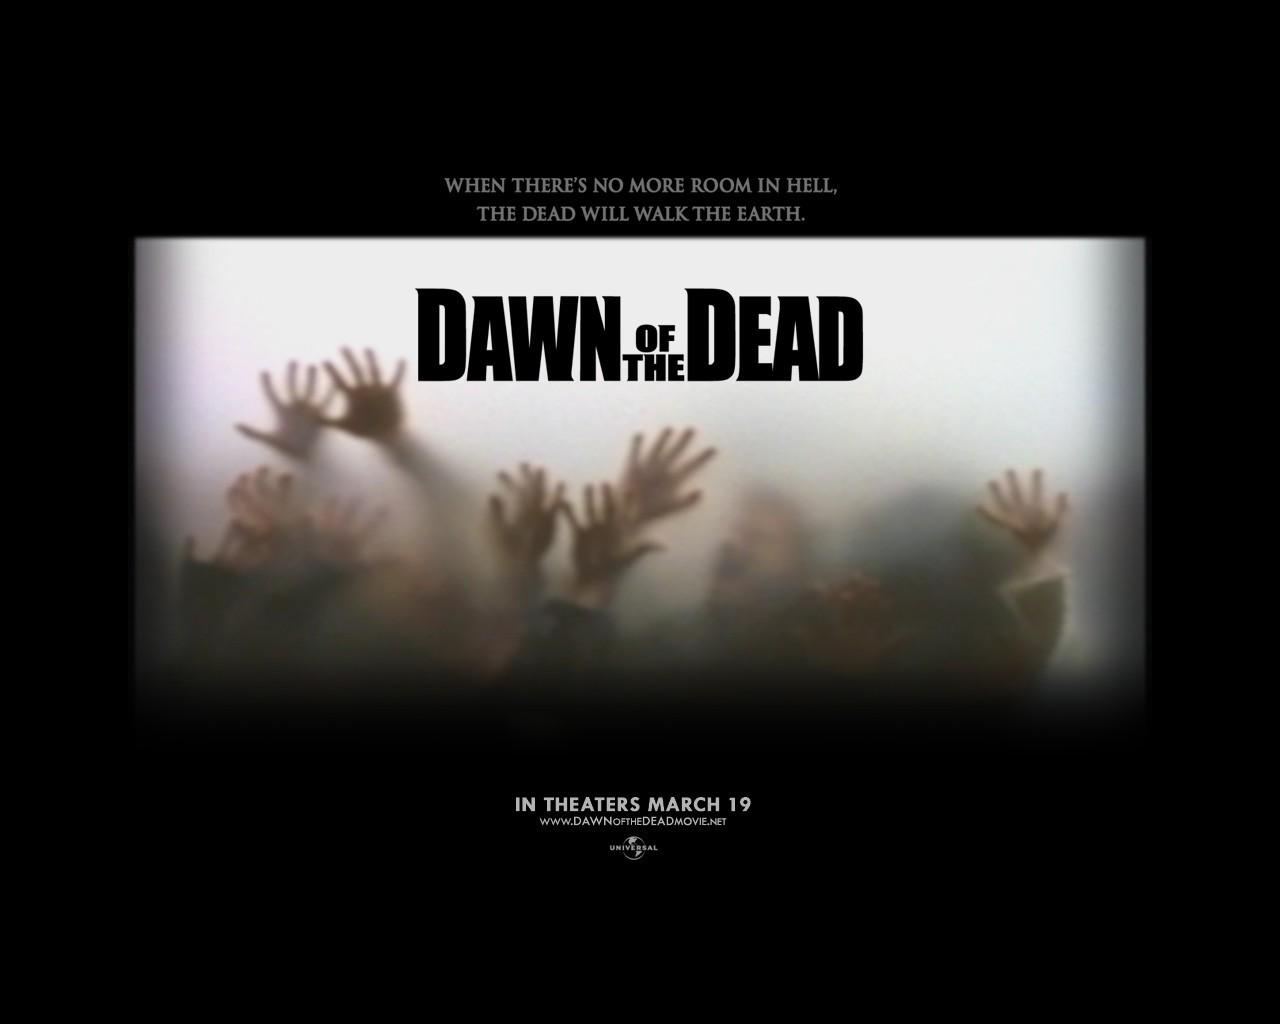 http://1.bp.blogspot.com/-bK1eX4KiEMI/TYWU0tgbXfI/AAAAAAAAADE/28iSf80YREc/s1600/Dawn_of_the_dead.jpg